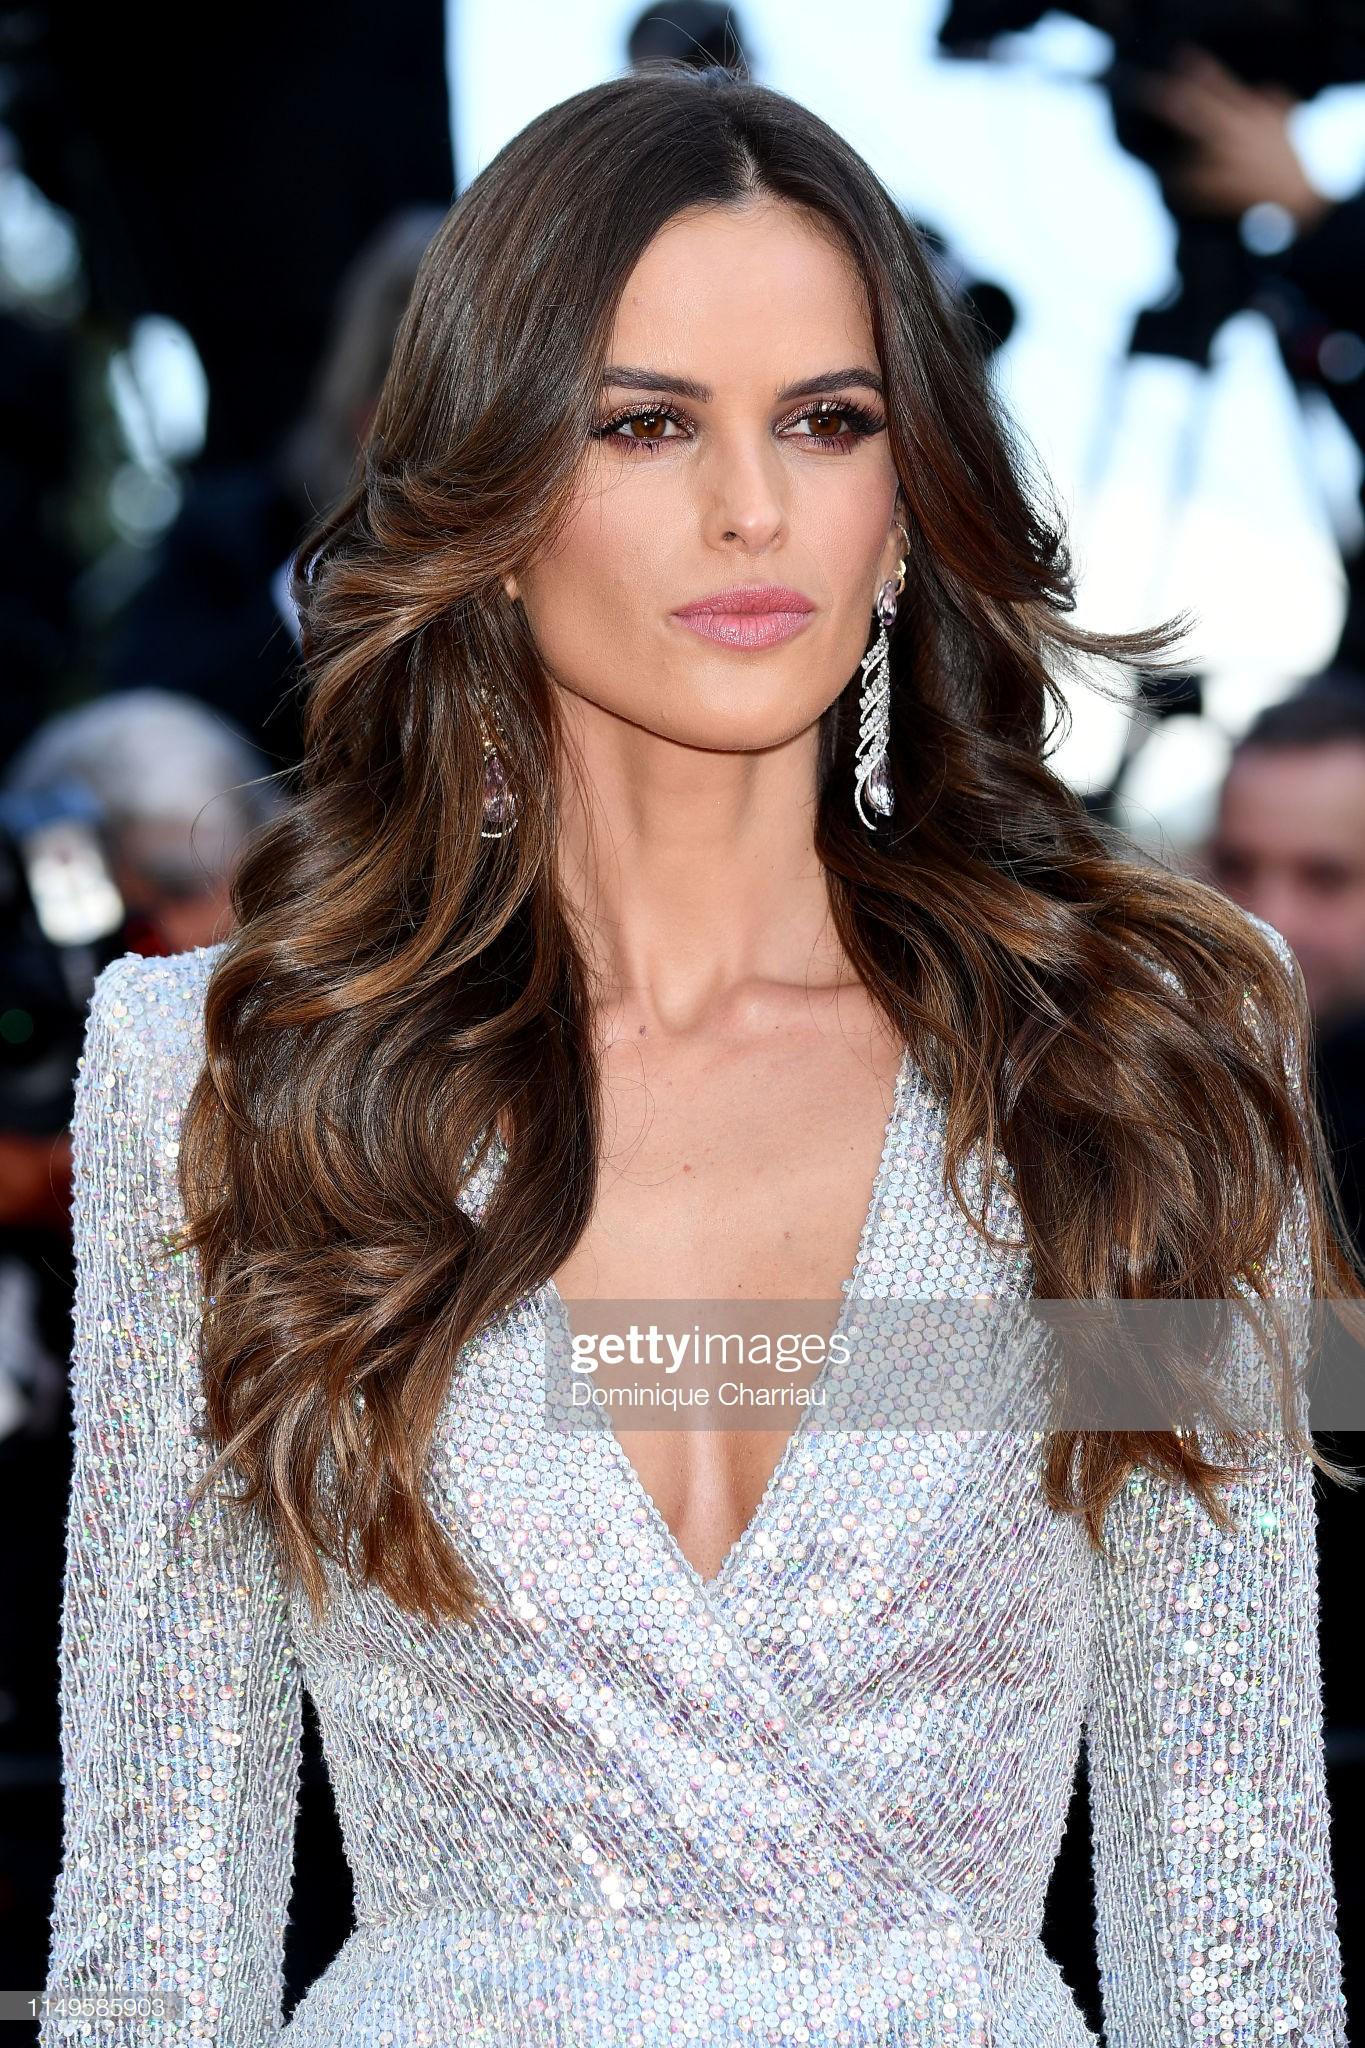 Thảm đỏ Cannes ngày 3: HLV The Face Thái Lan bất ngờ vùng lên chặt chém Bella Hadid cùng dàn mỹ nhân váy xẻ - Ảnh 7.